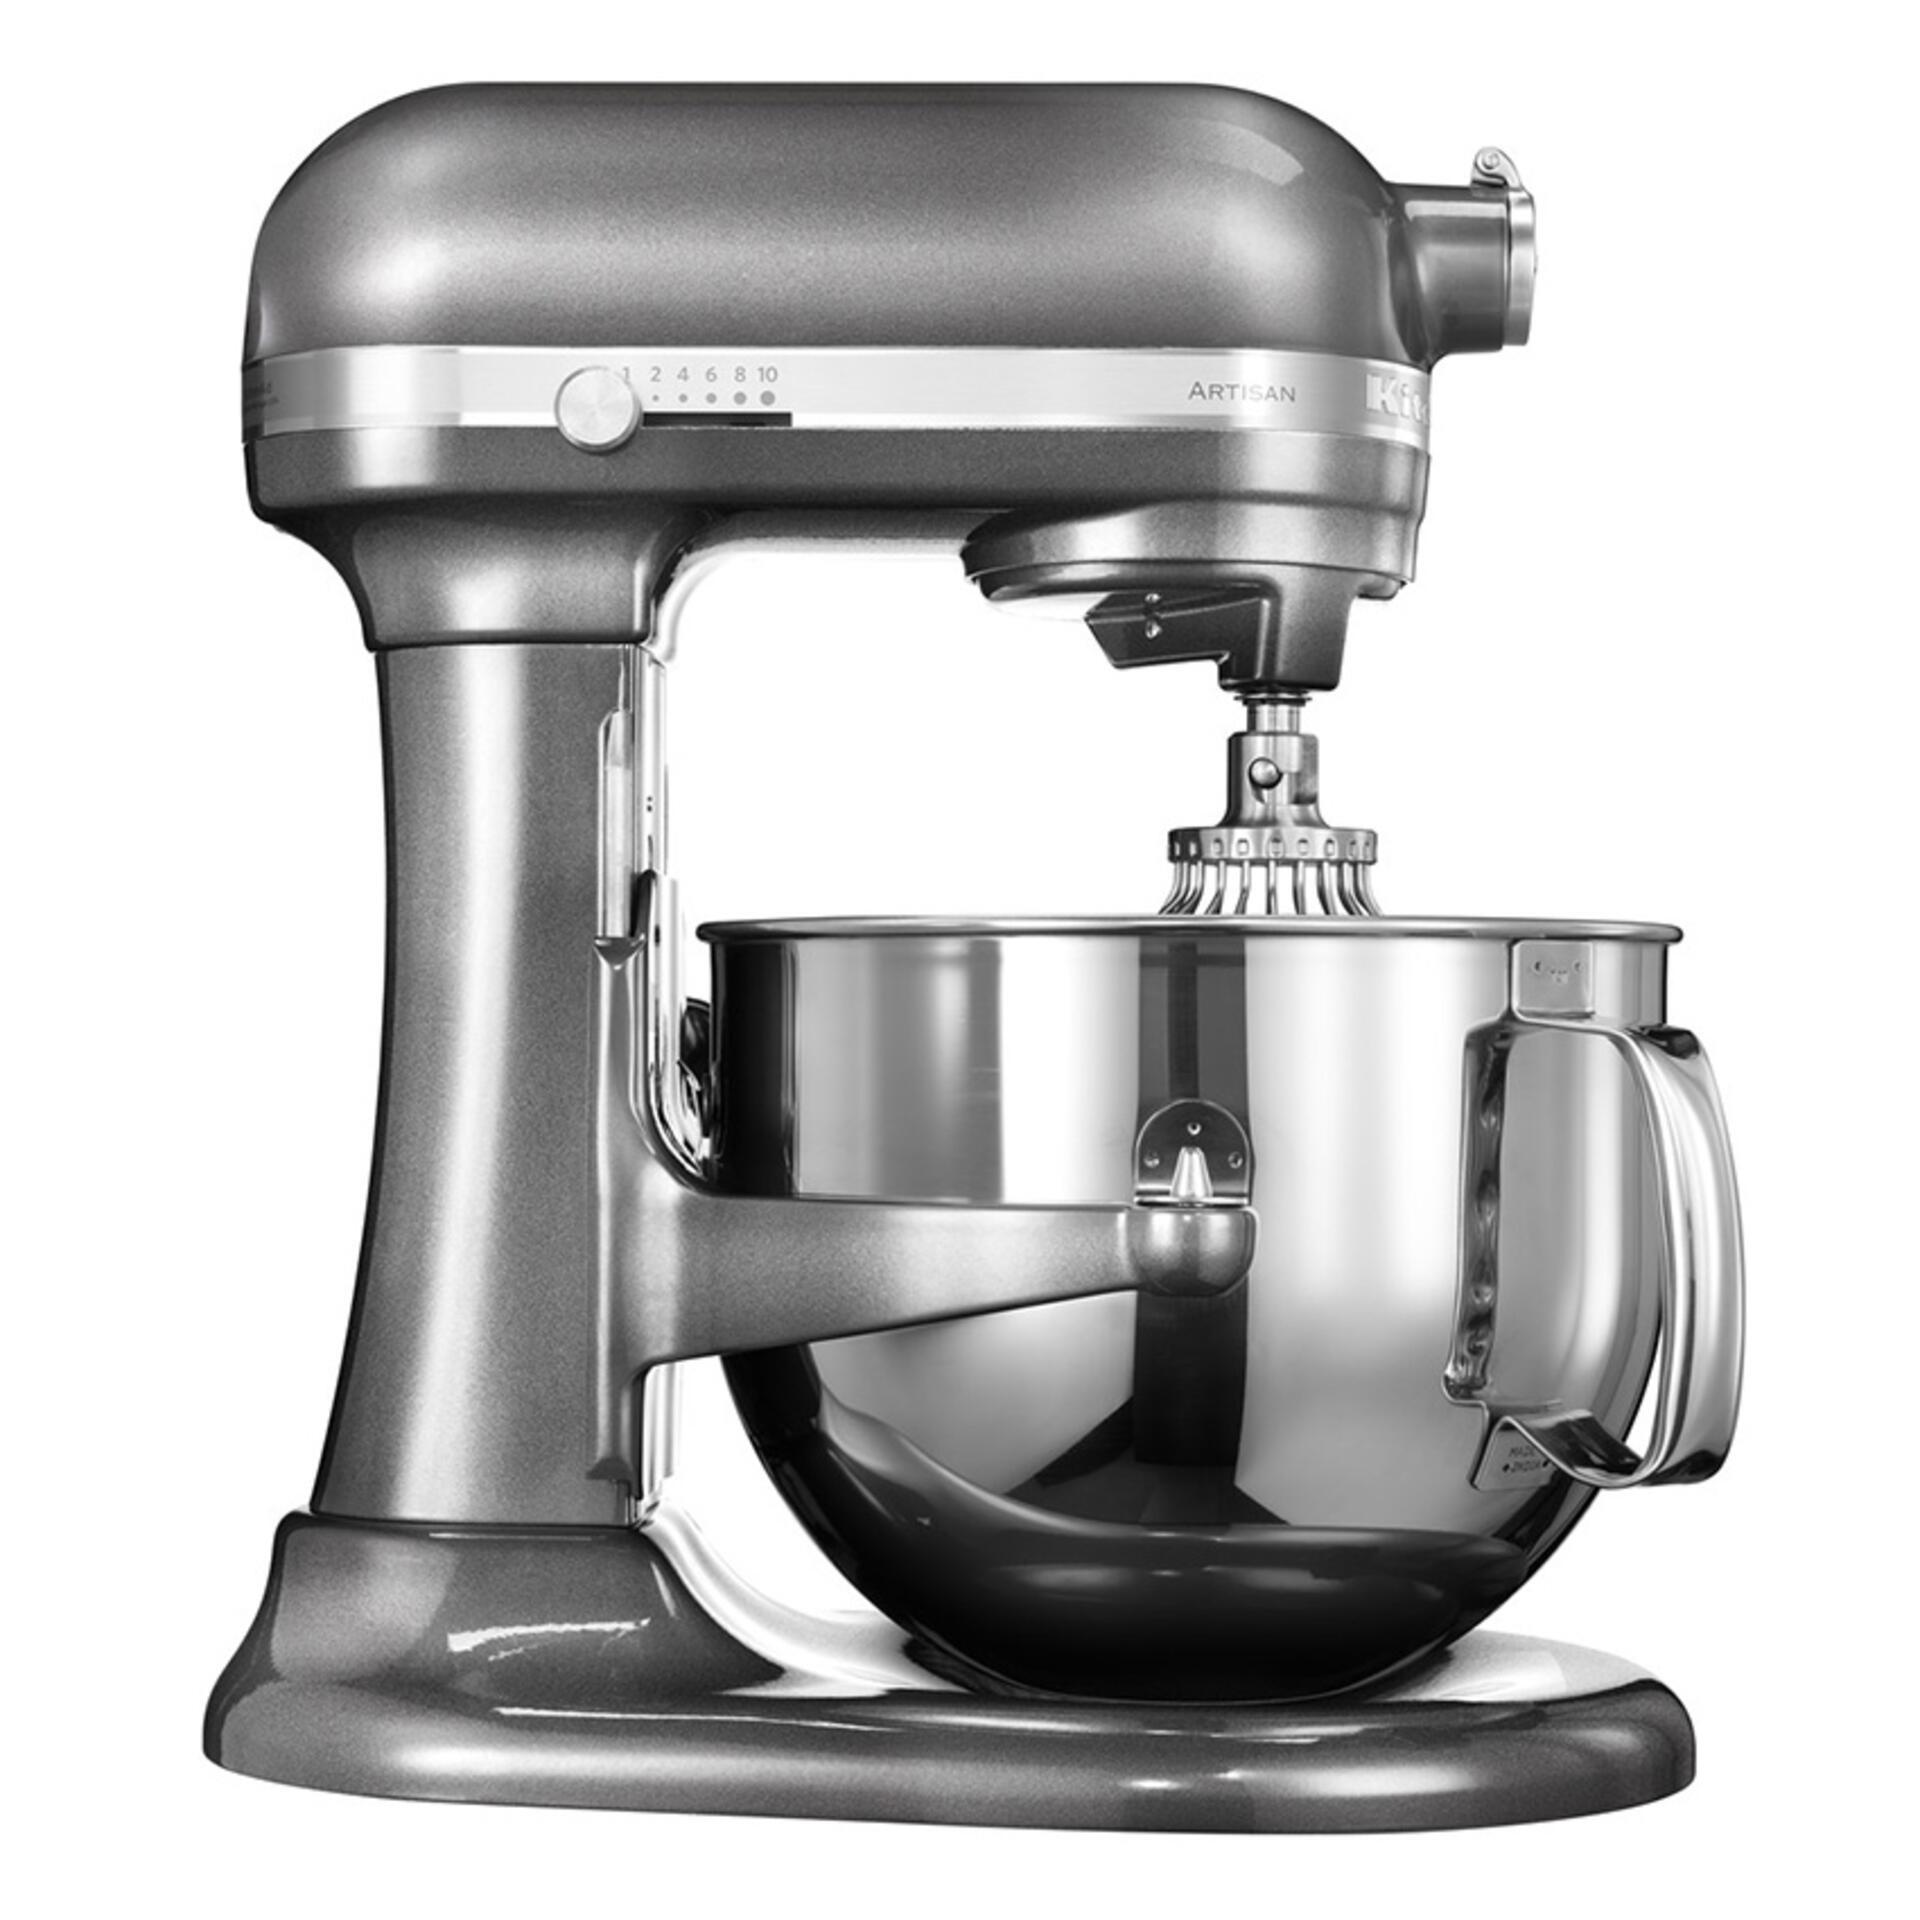 Kitchenaid Artisan Küchenmaschine 6,9 Liter Silber 5KSM7580XEMS